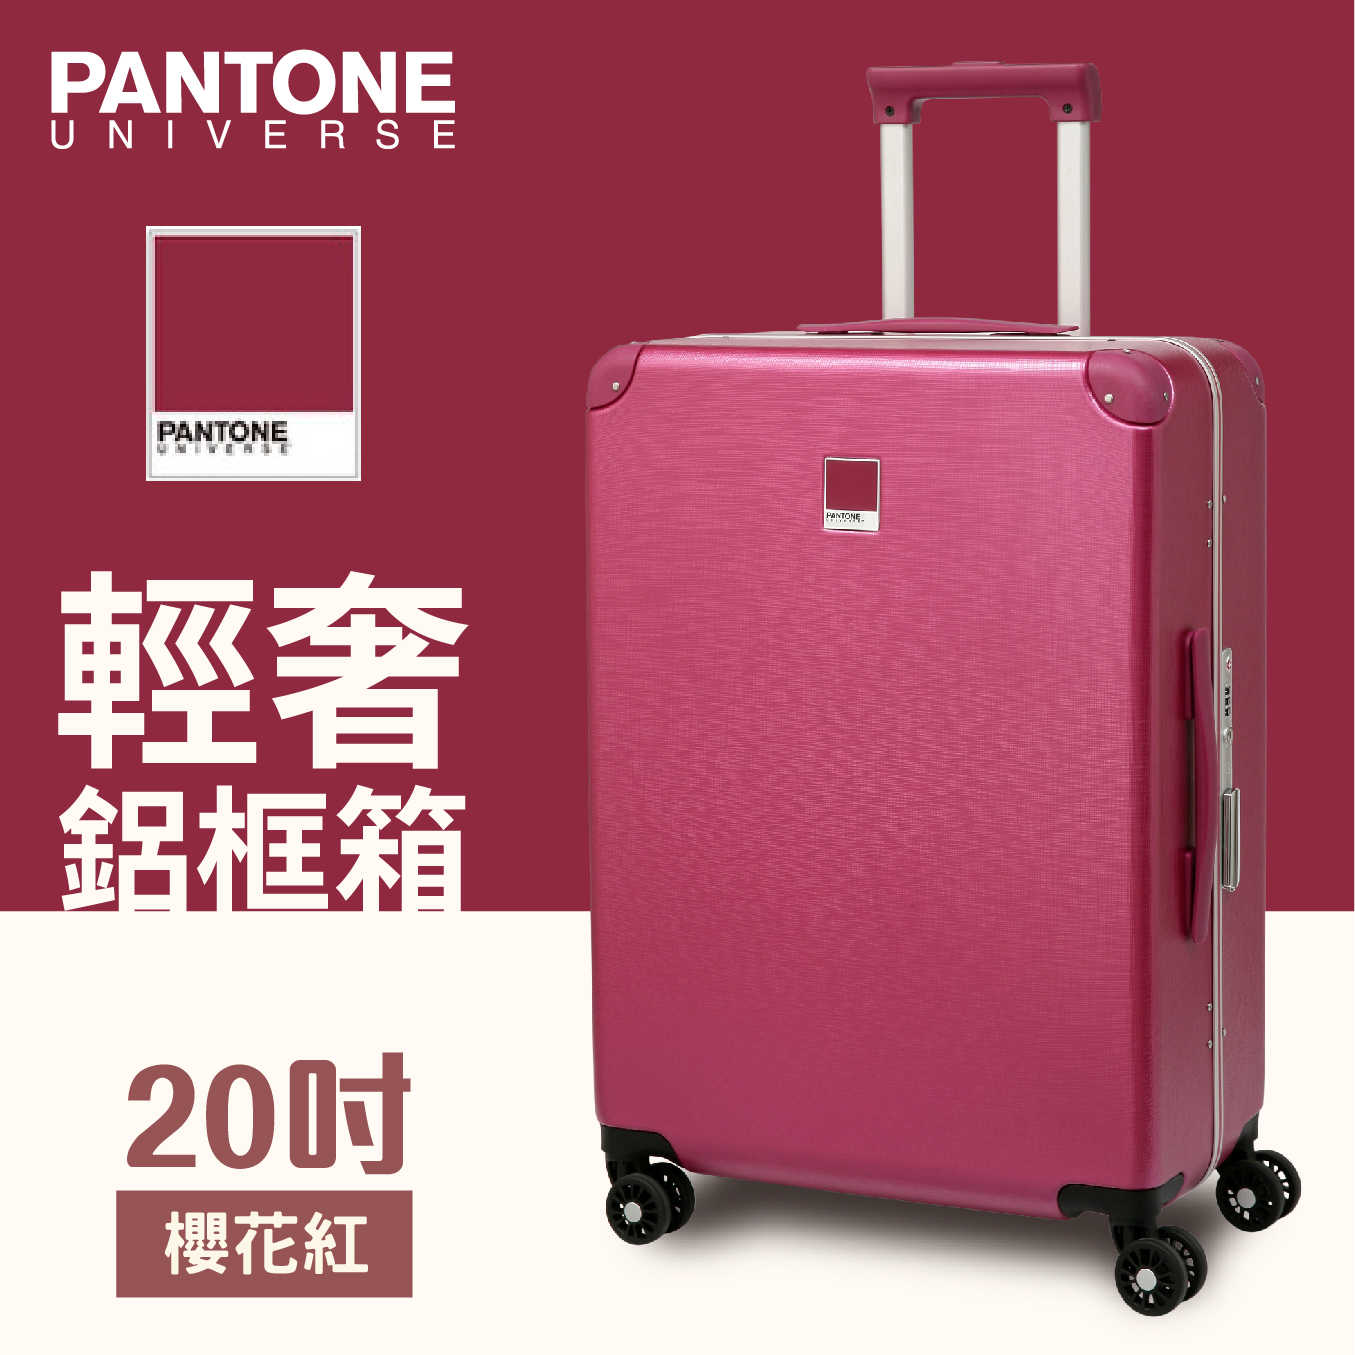 PANTONE 輕奢鋁框行李箱  (藍/紅) 20吋 獨家聯名款 台灣限定旅行箱 登機箱